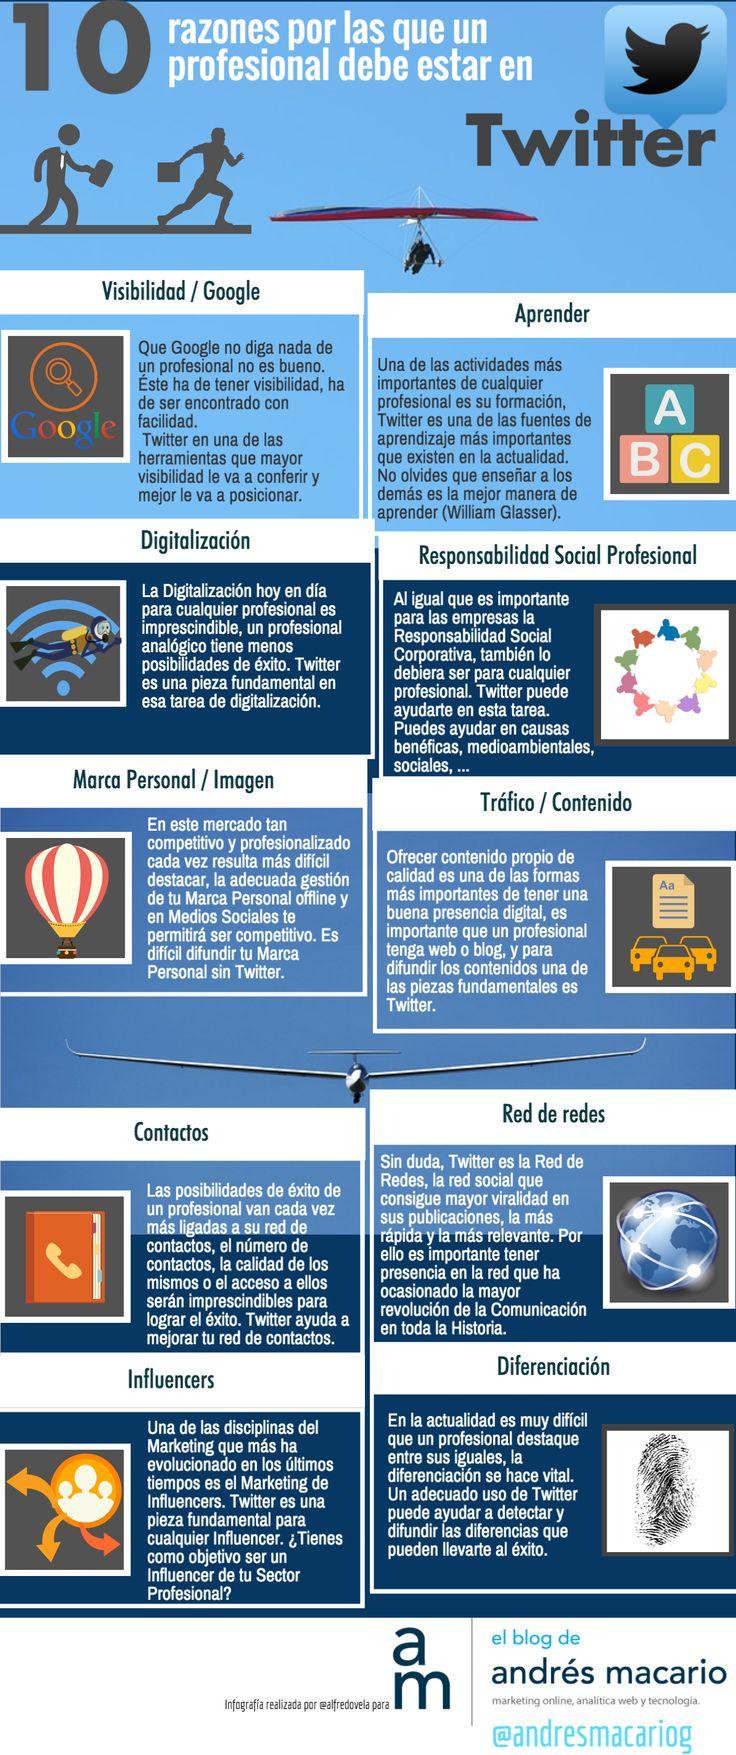 10 razones por las que un profesional debe estar en Twitter #infografia